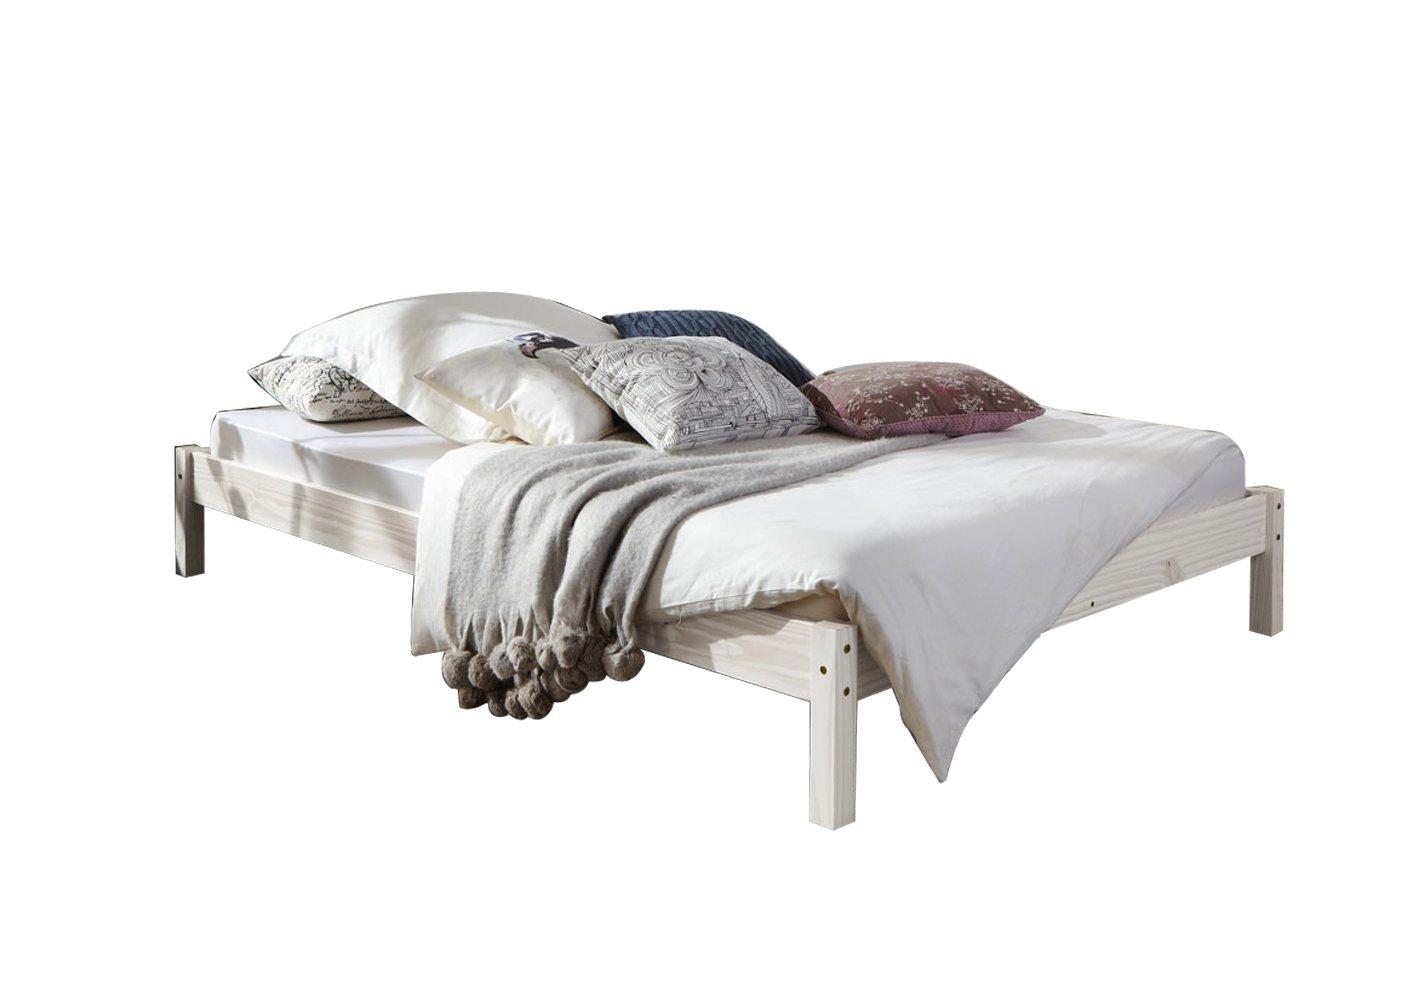 SAM® Futonbett, Gästebett weiß aus Kiefernholz, massives Bett aus Kiefer, zeitlose Optik für Ihr Schlafzimmer, 140 x 200 cm [53262795]